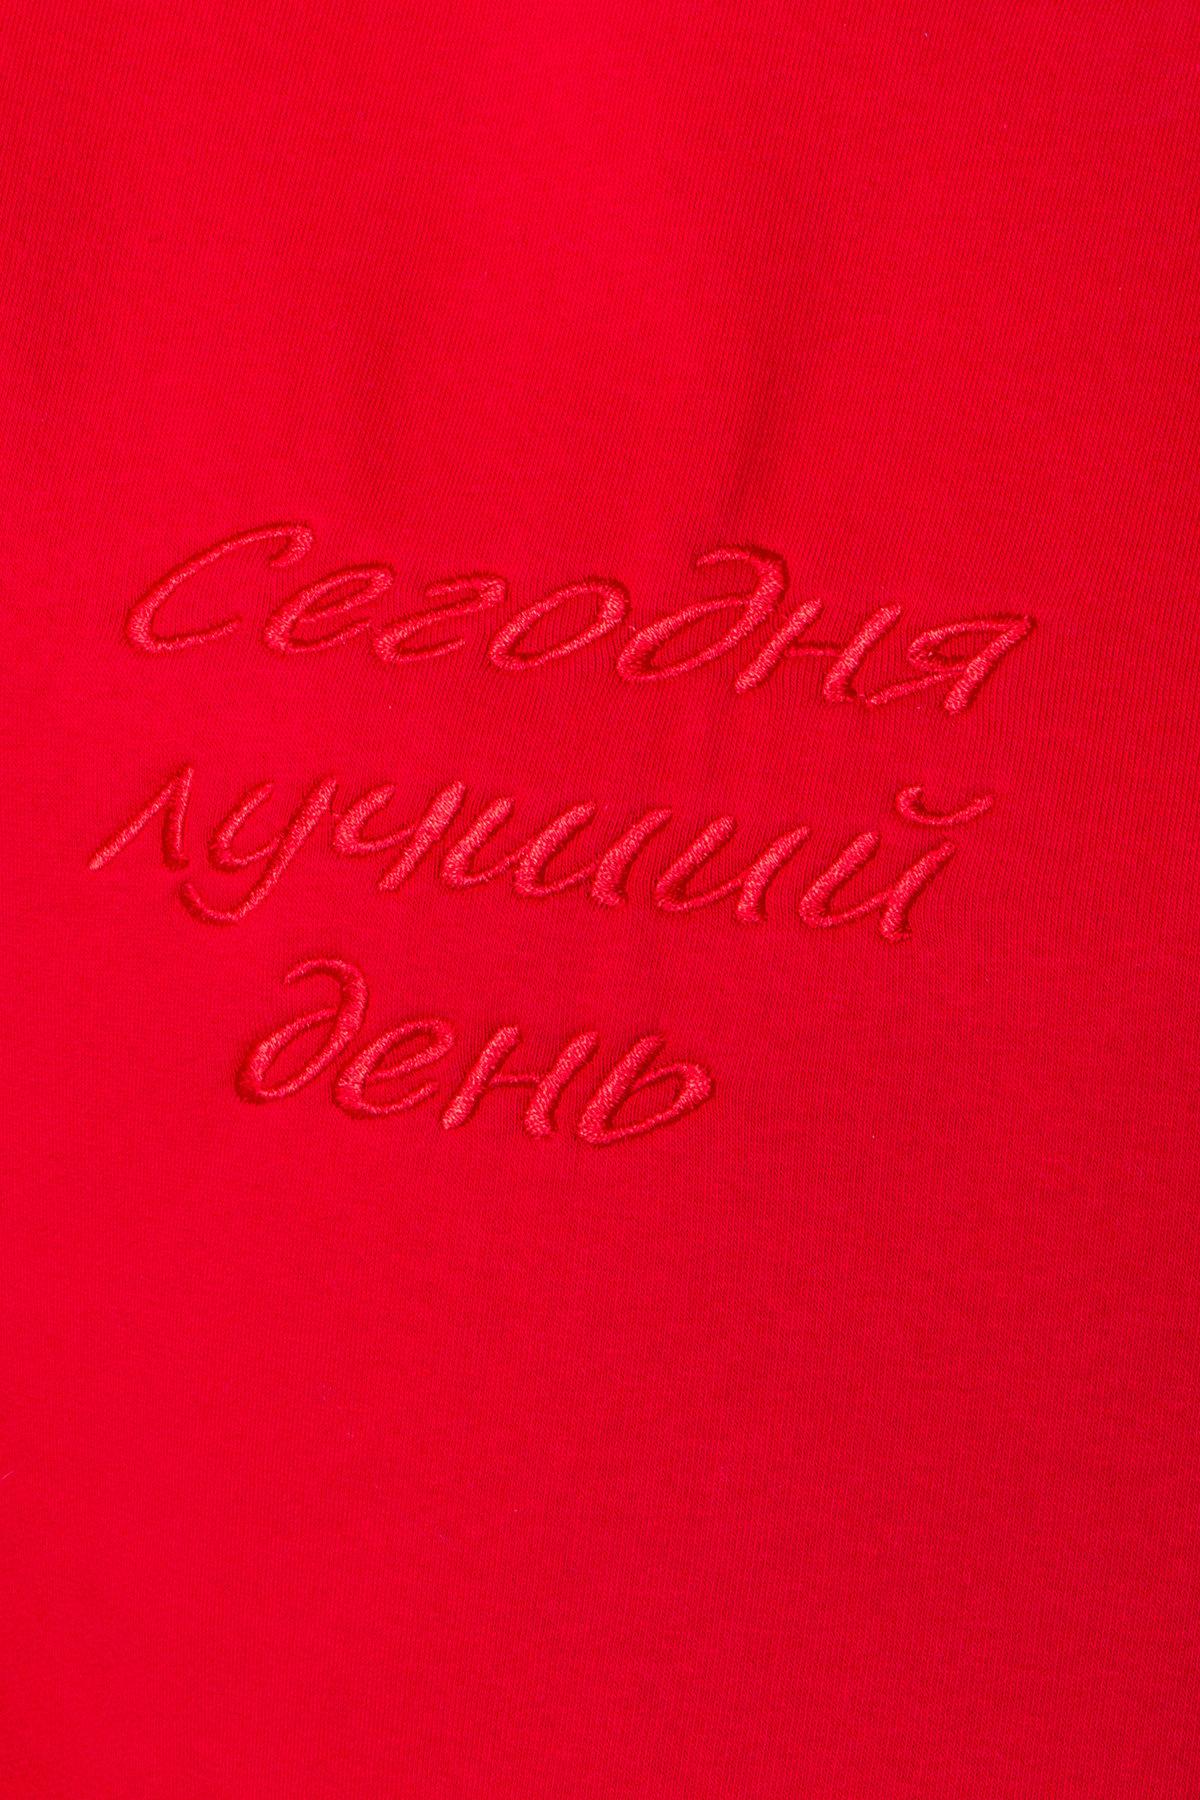 Стильный свитшот из трикотажа Джава 8706 АРТ. 45106 Цвет: Красный - фото 3, интернет магазин tm-modus.ru